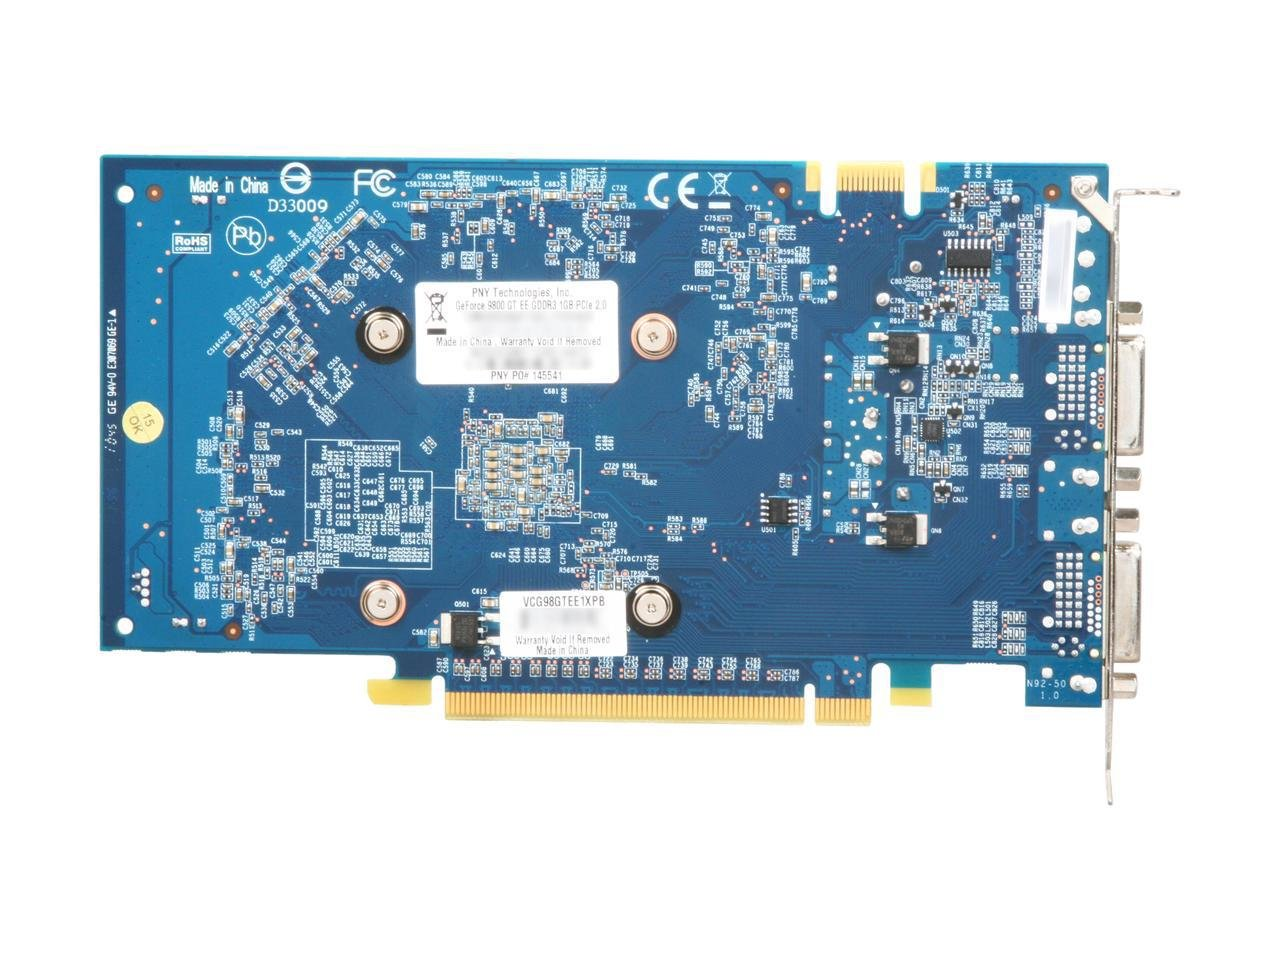 ECS NR9800GTE-1GMU-F NVIDIA GRAPHICS WINDOWS VISTA DRIVER